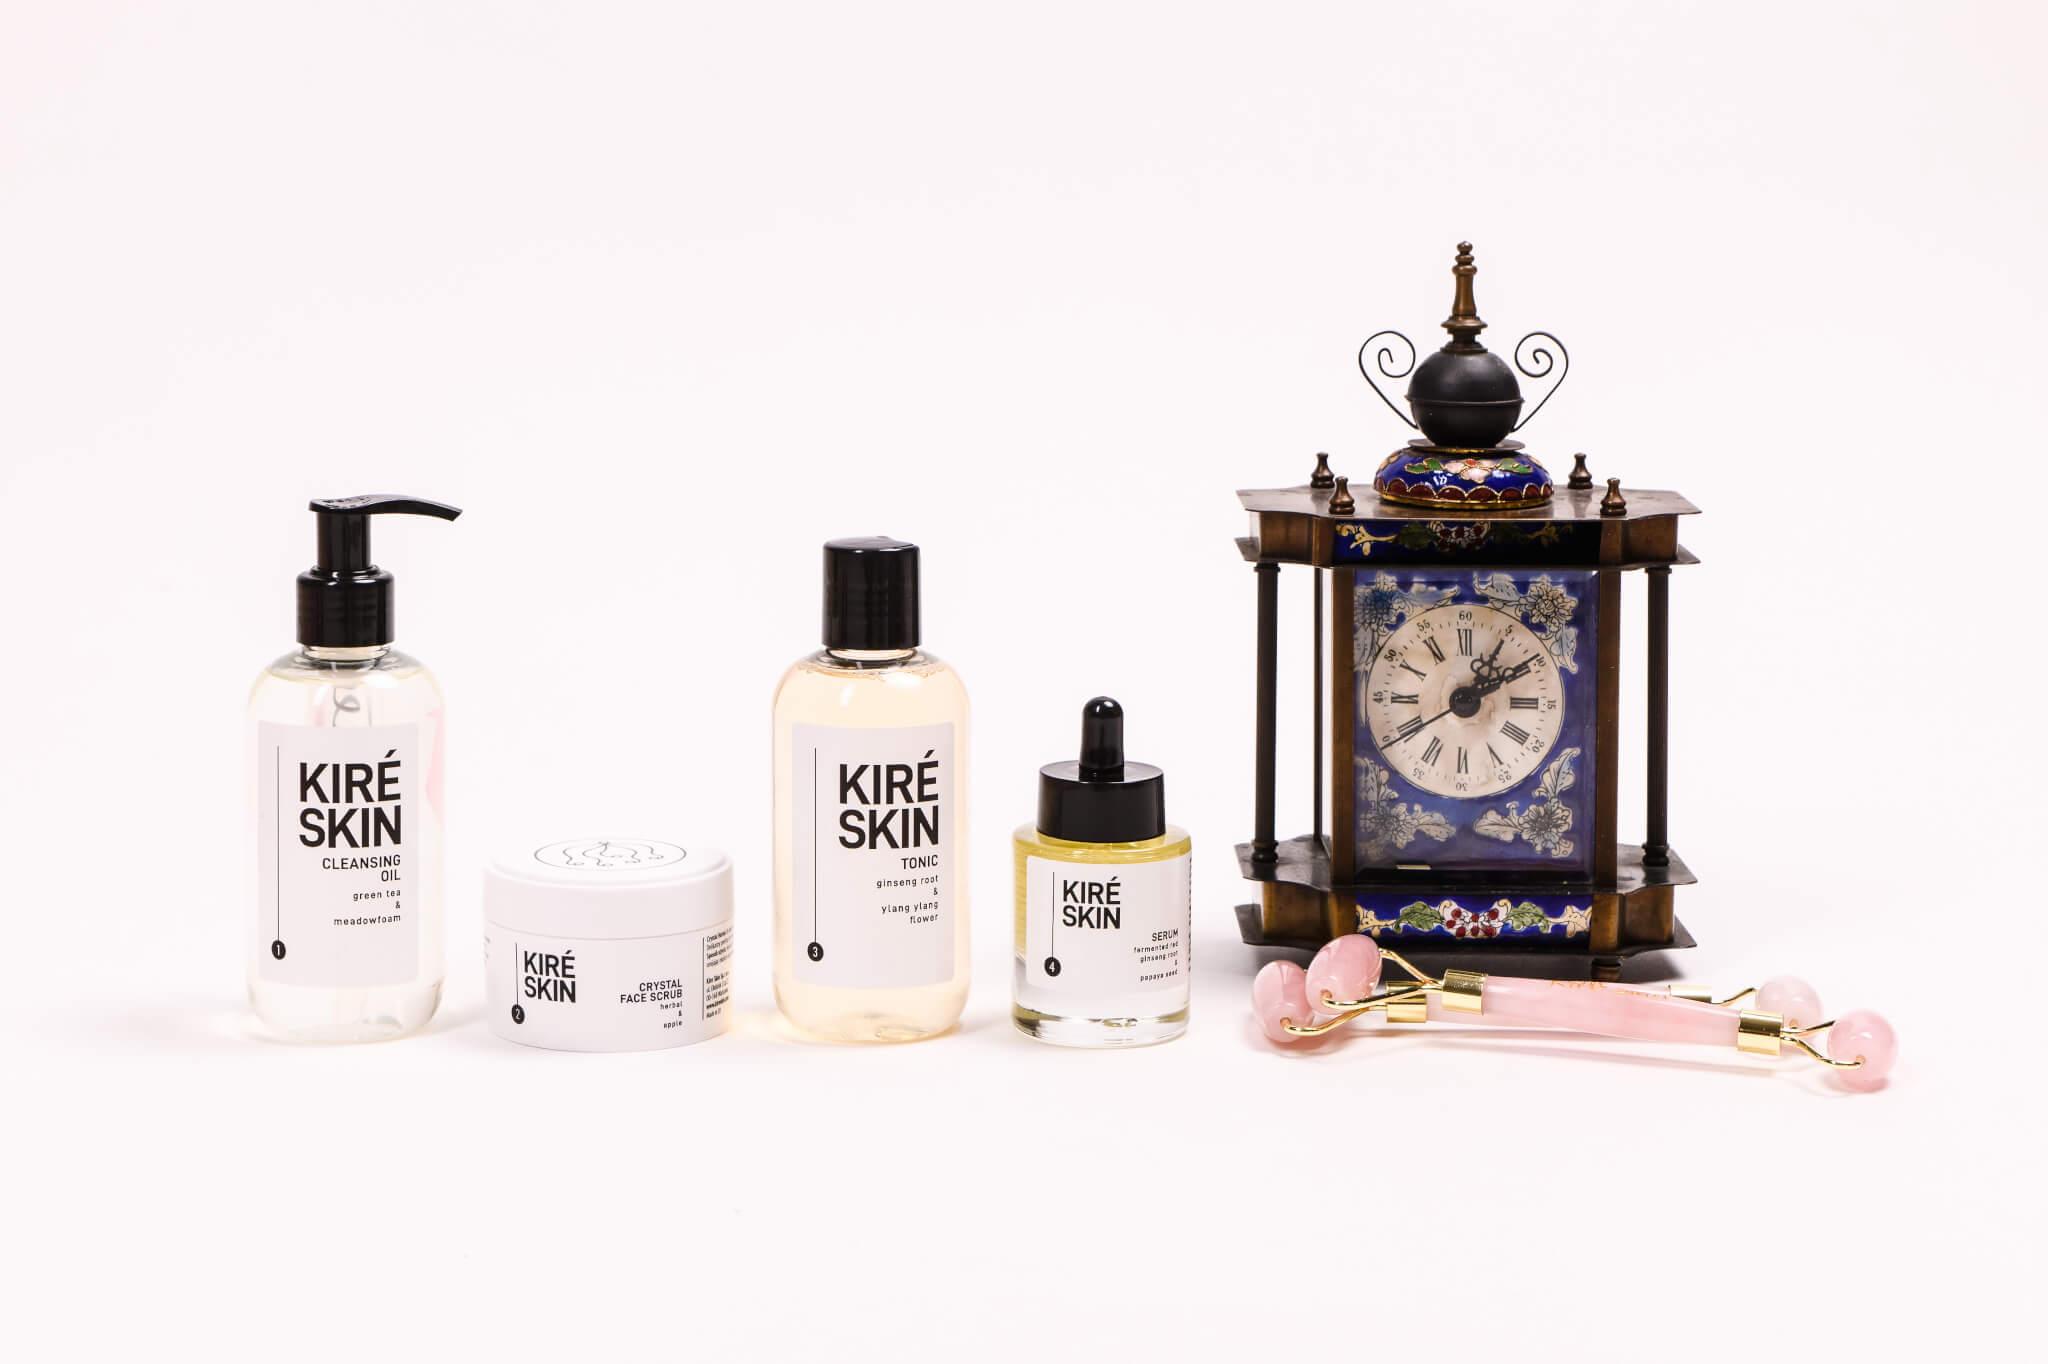 emballage de Kiré Skin